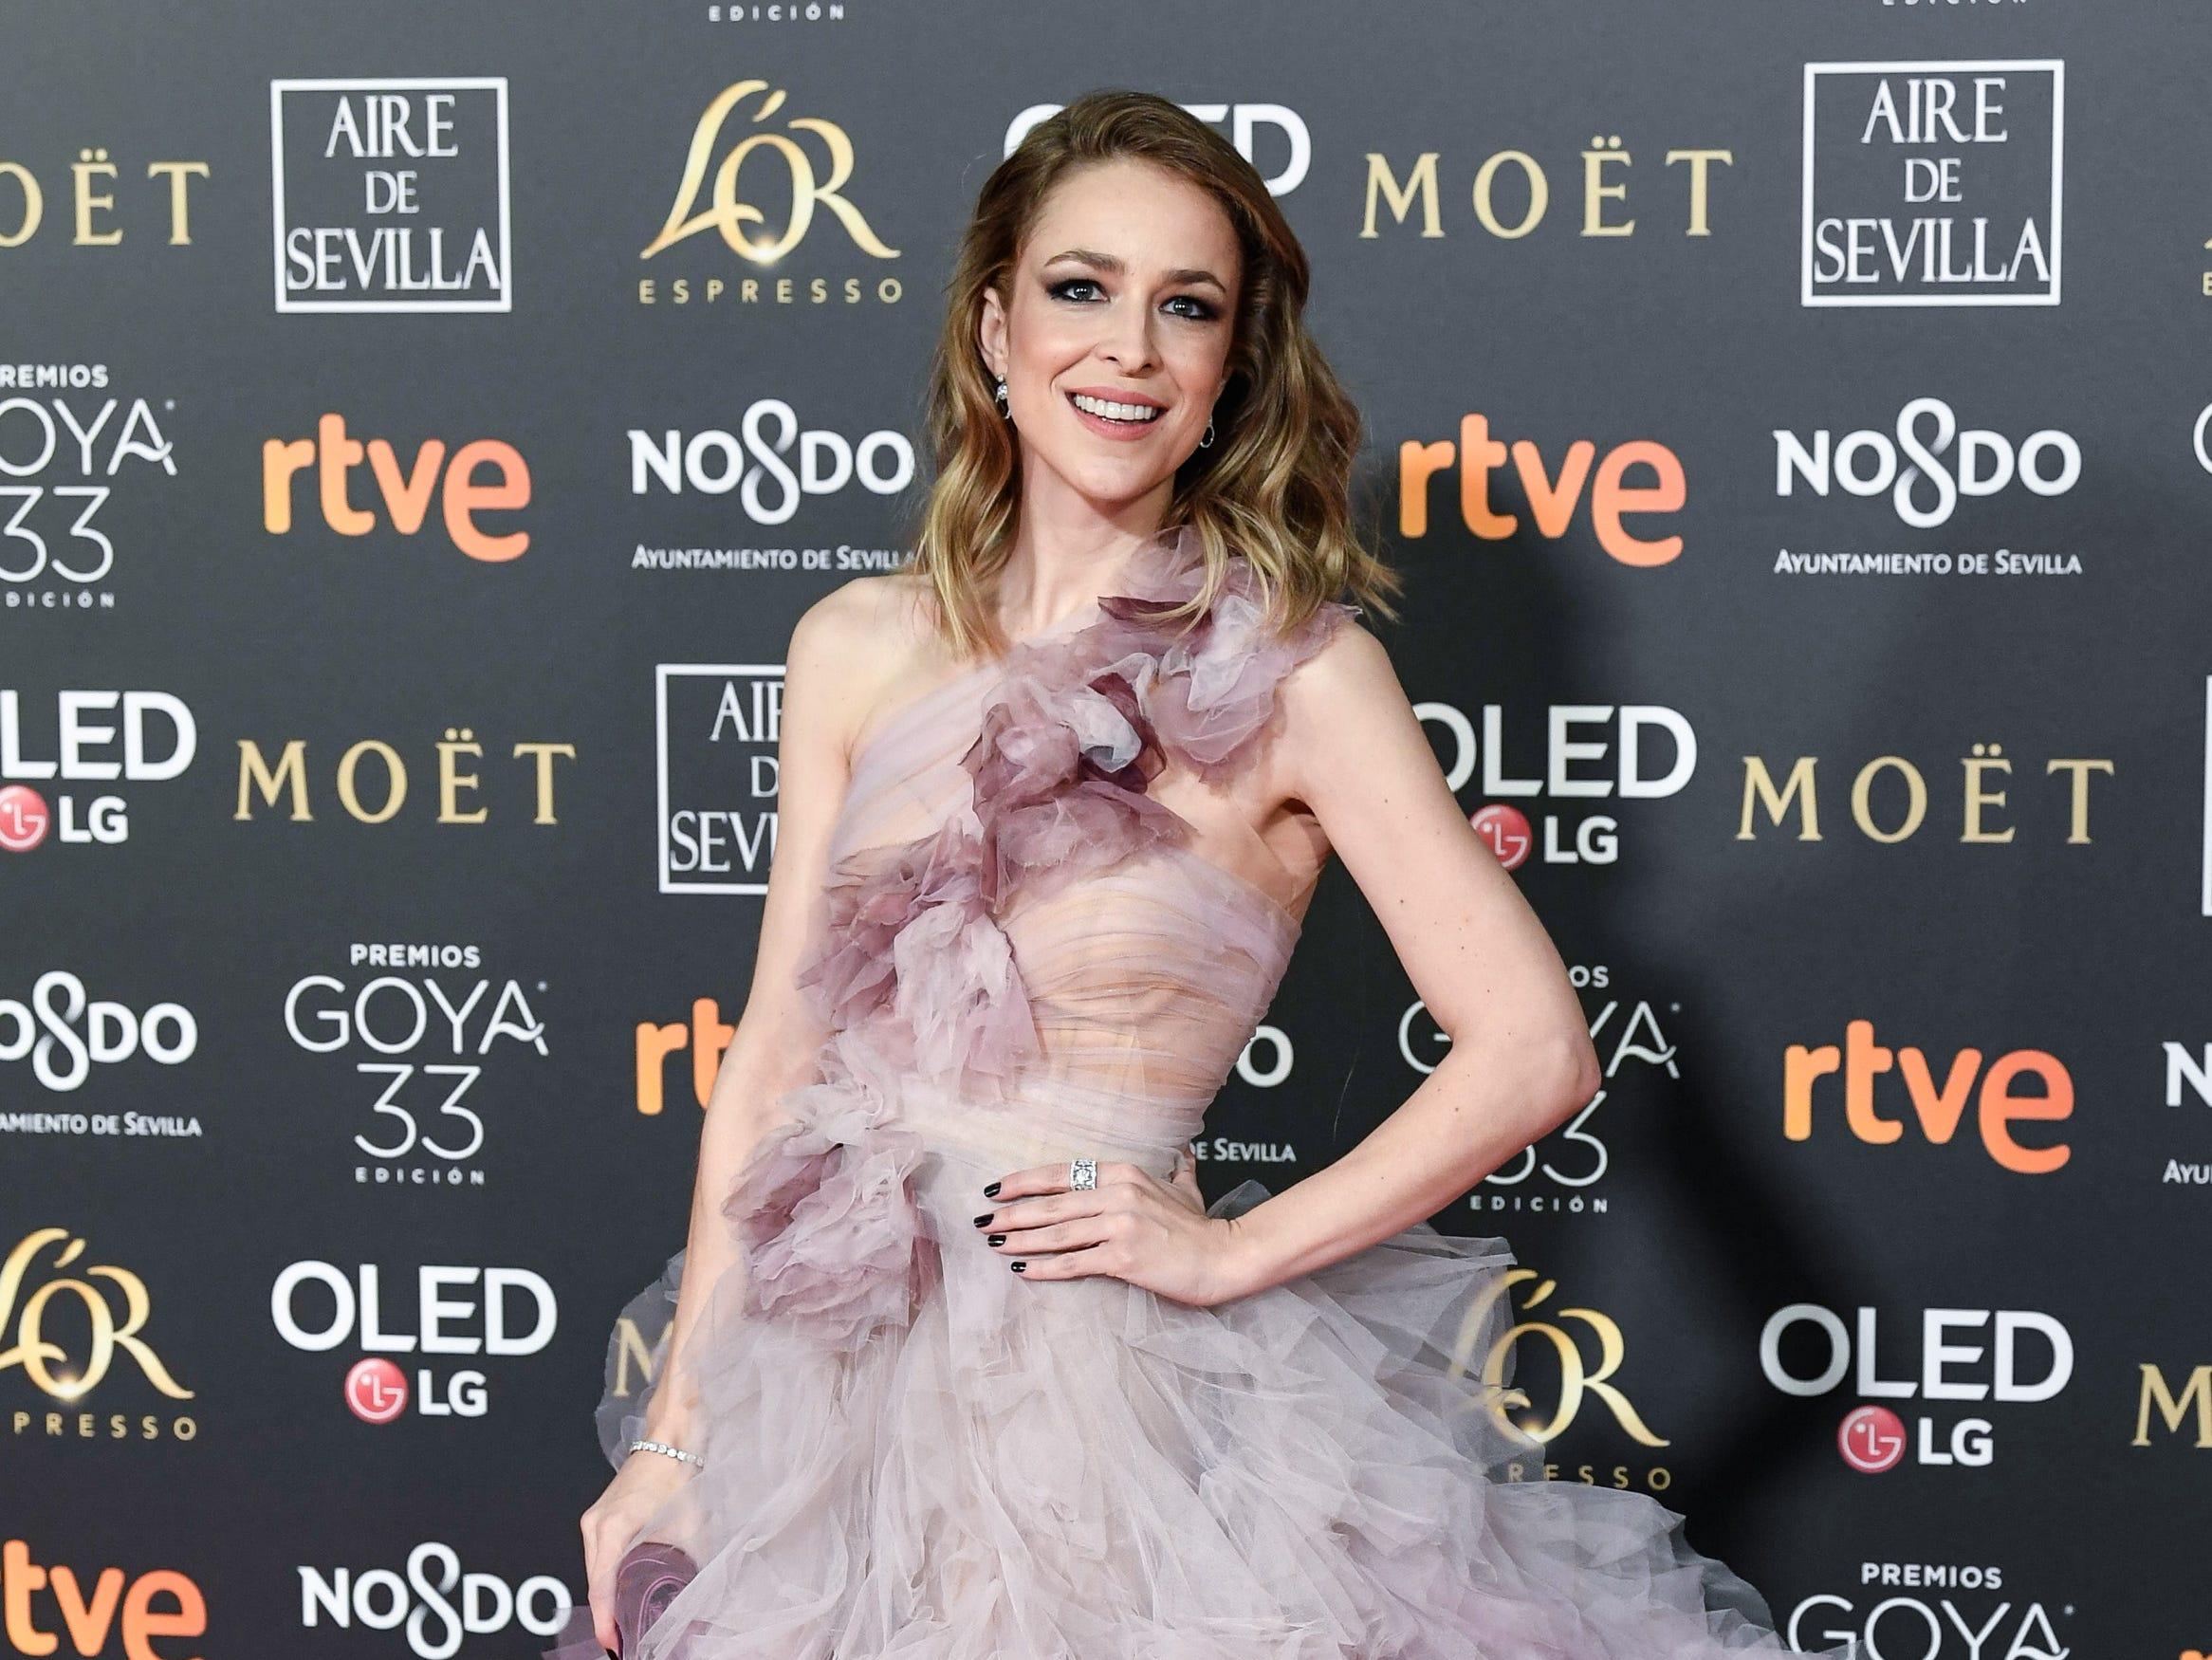 Silvia Abascal asiste a la 33ª edición de los Premios de Cine Goya en el Palacio de Congresos y Exposiciones FIBES el 2 de febrero de 2019 en Sevilla, España.